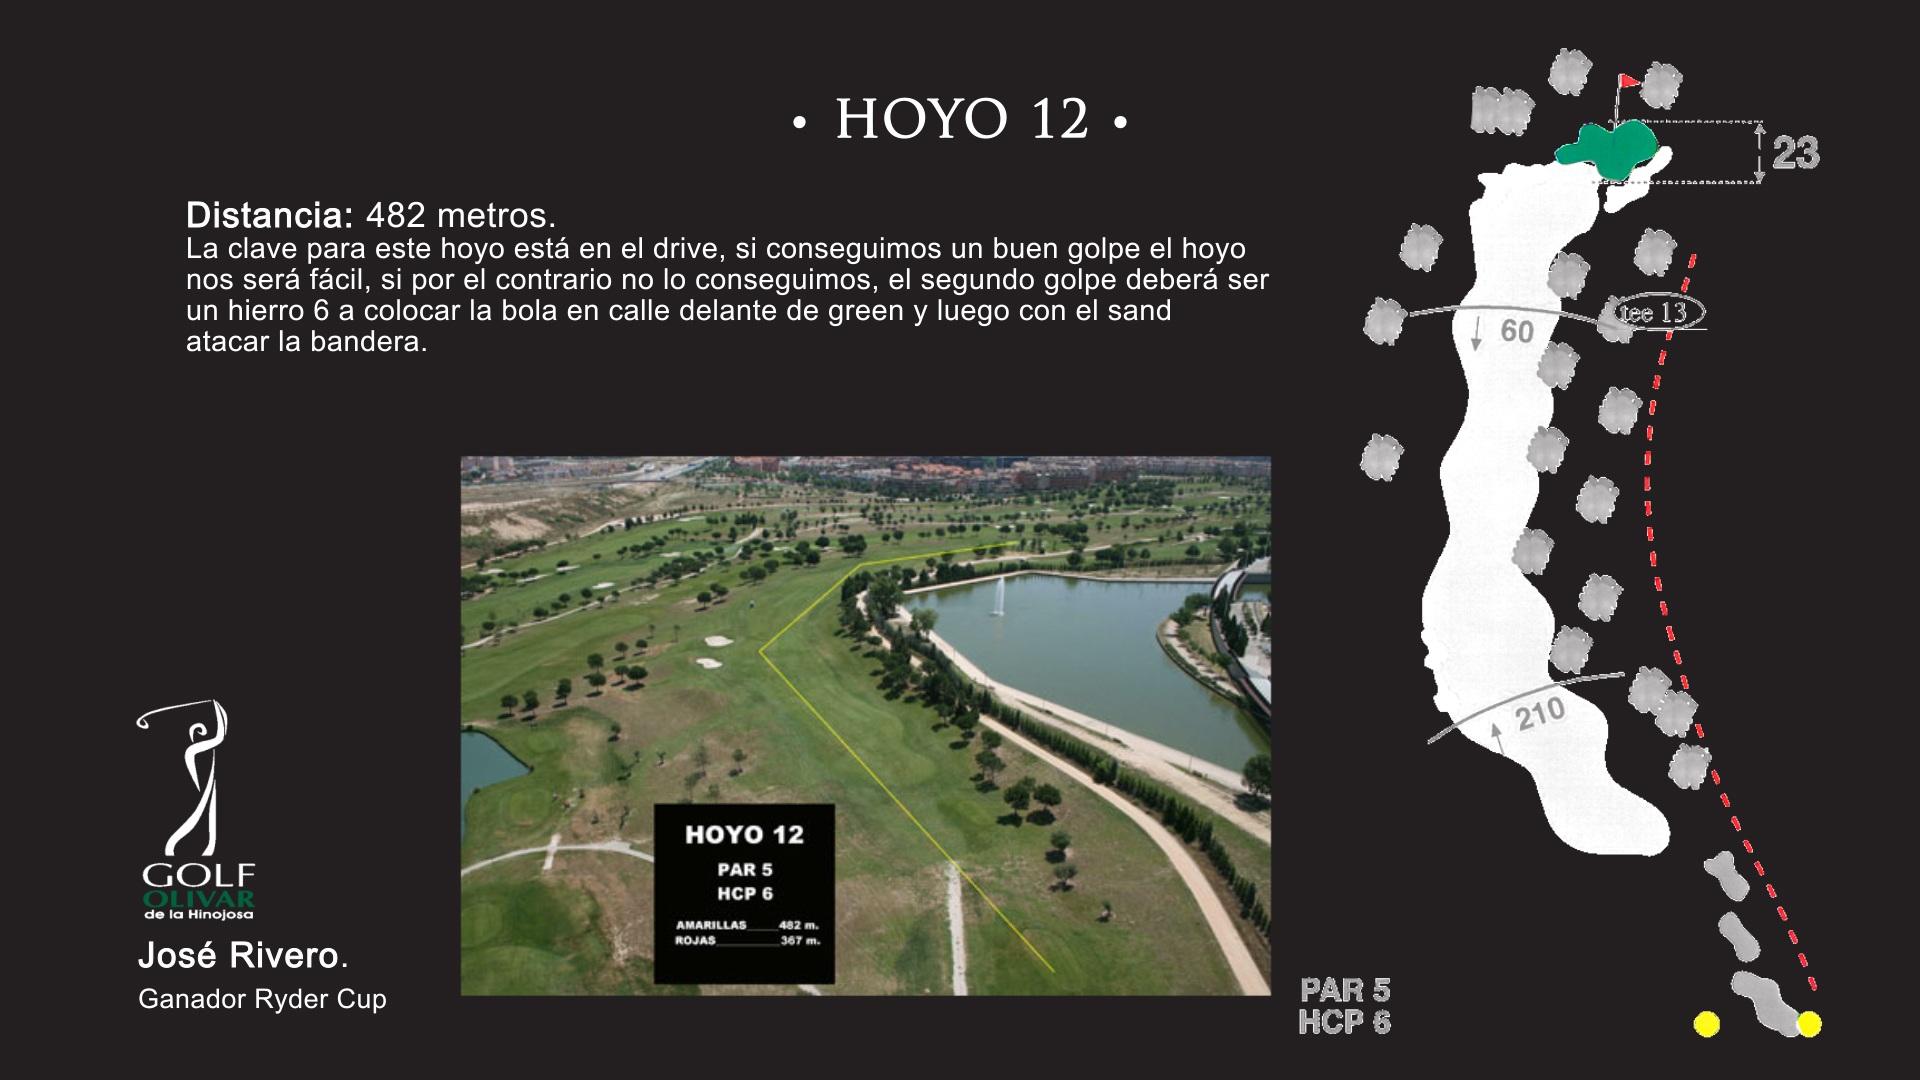 Hoyo 12 Olivar de la Hinojosa